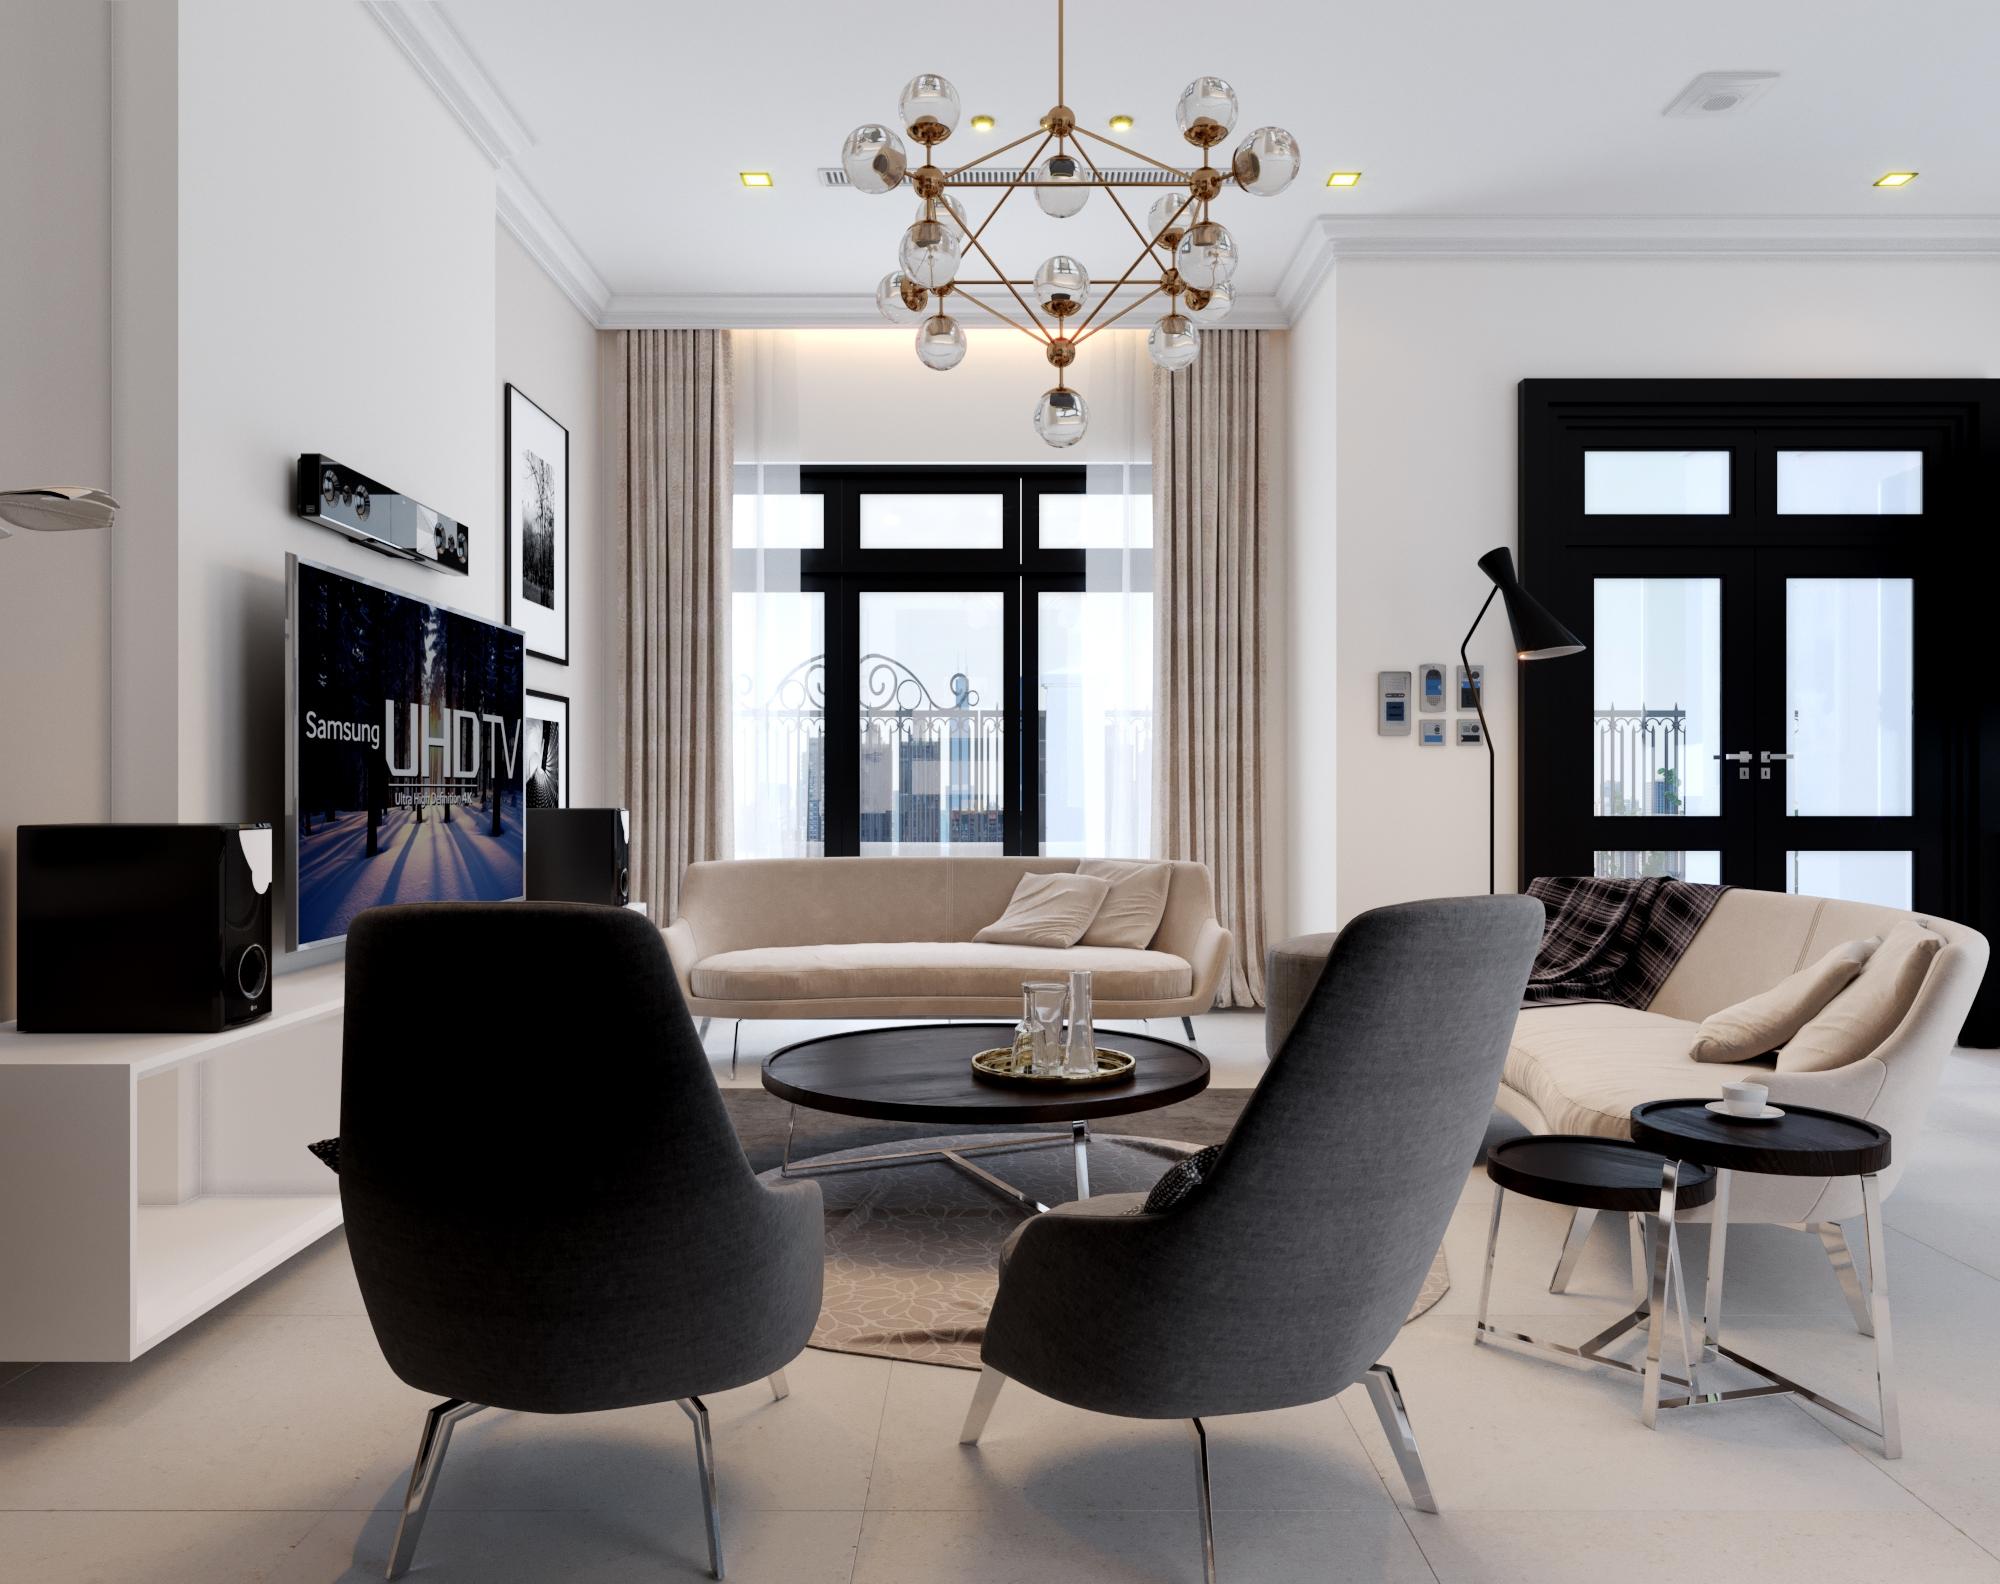 Sự trang trí tối giản, kết hợp ăn ý từ các vật dụng trong không gian nội thất khiến căn phòng trở nên cuốn hút, mãn nhãn người nhìn